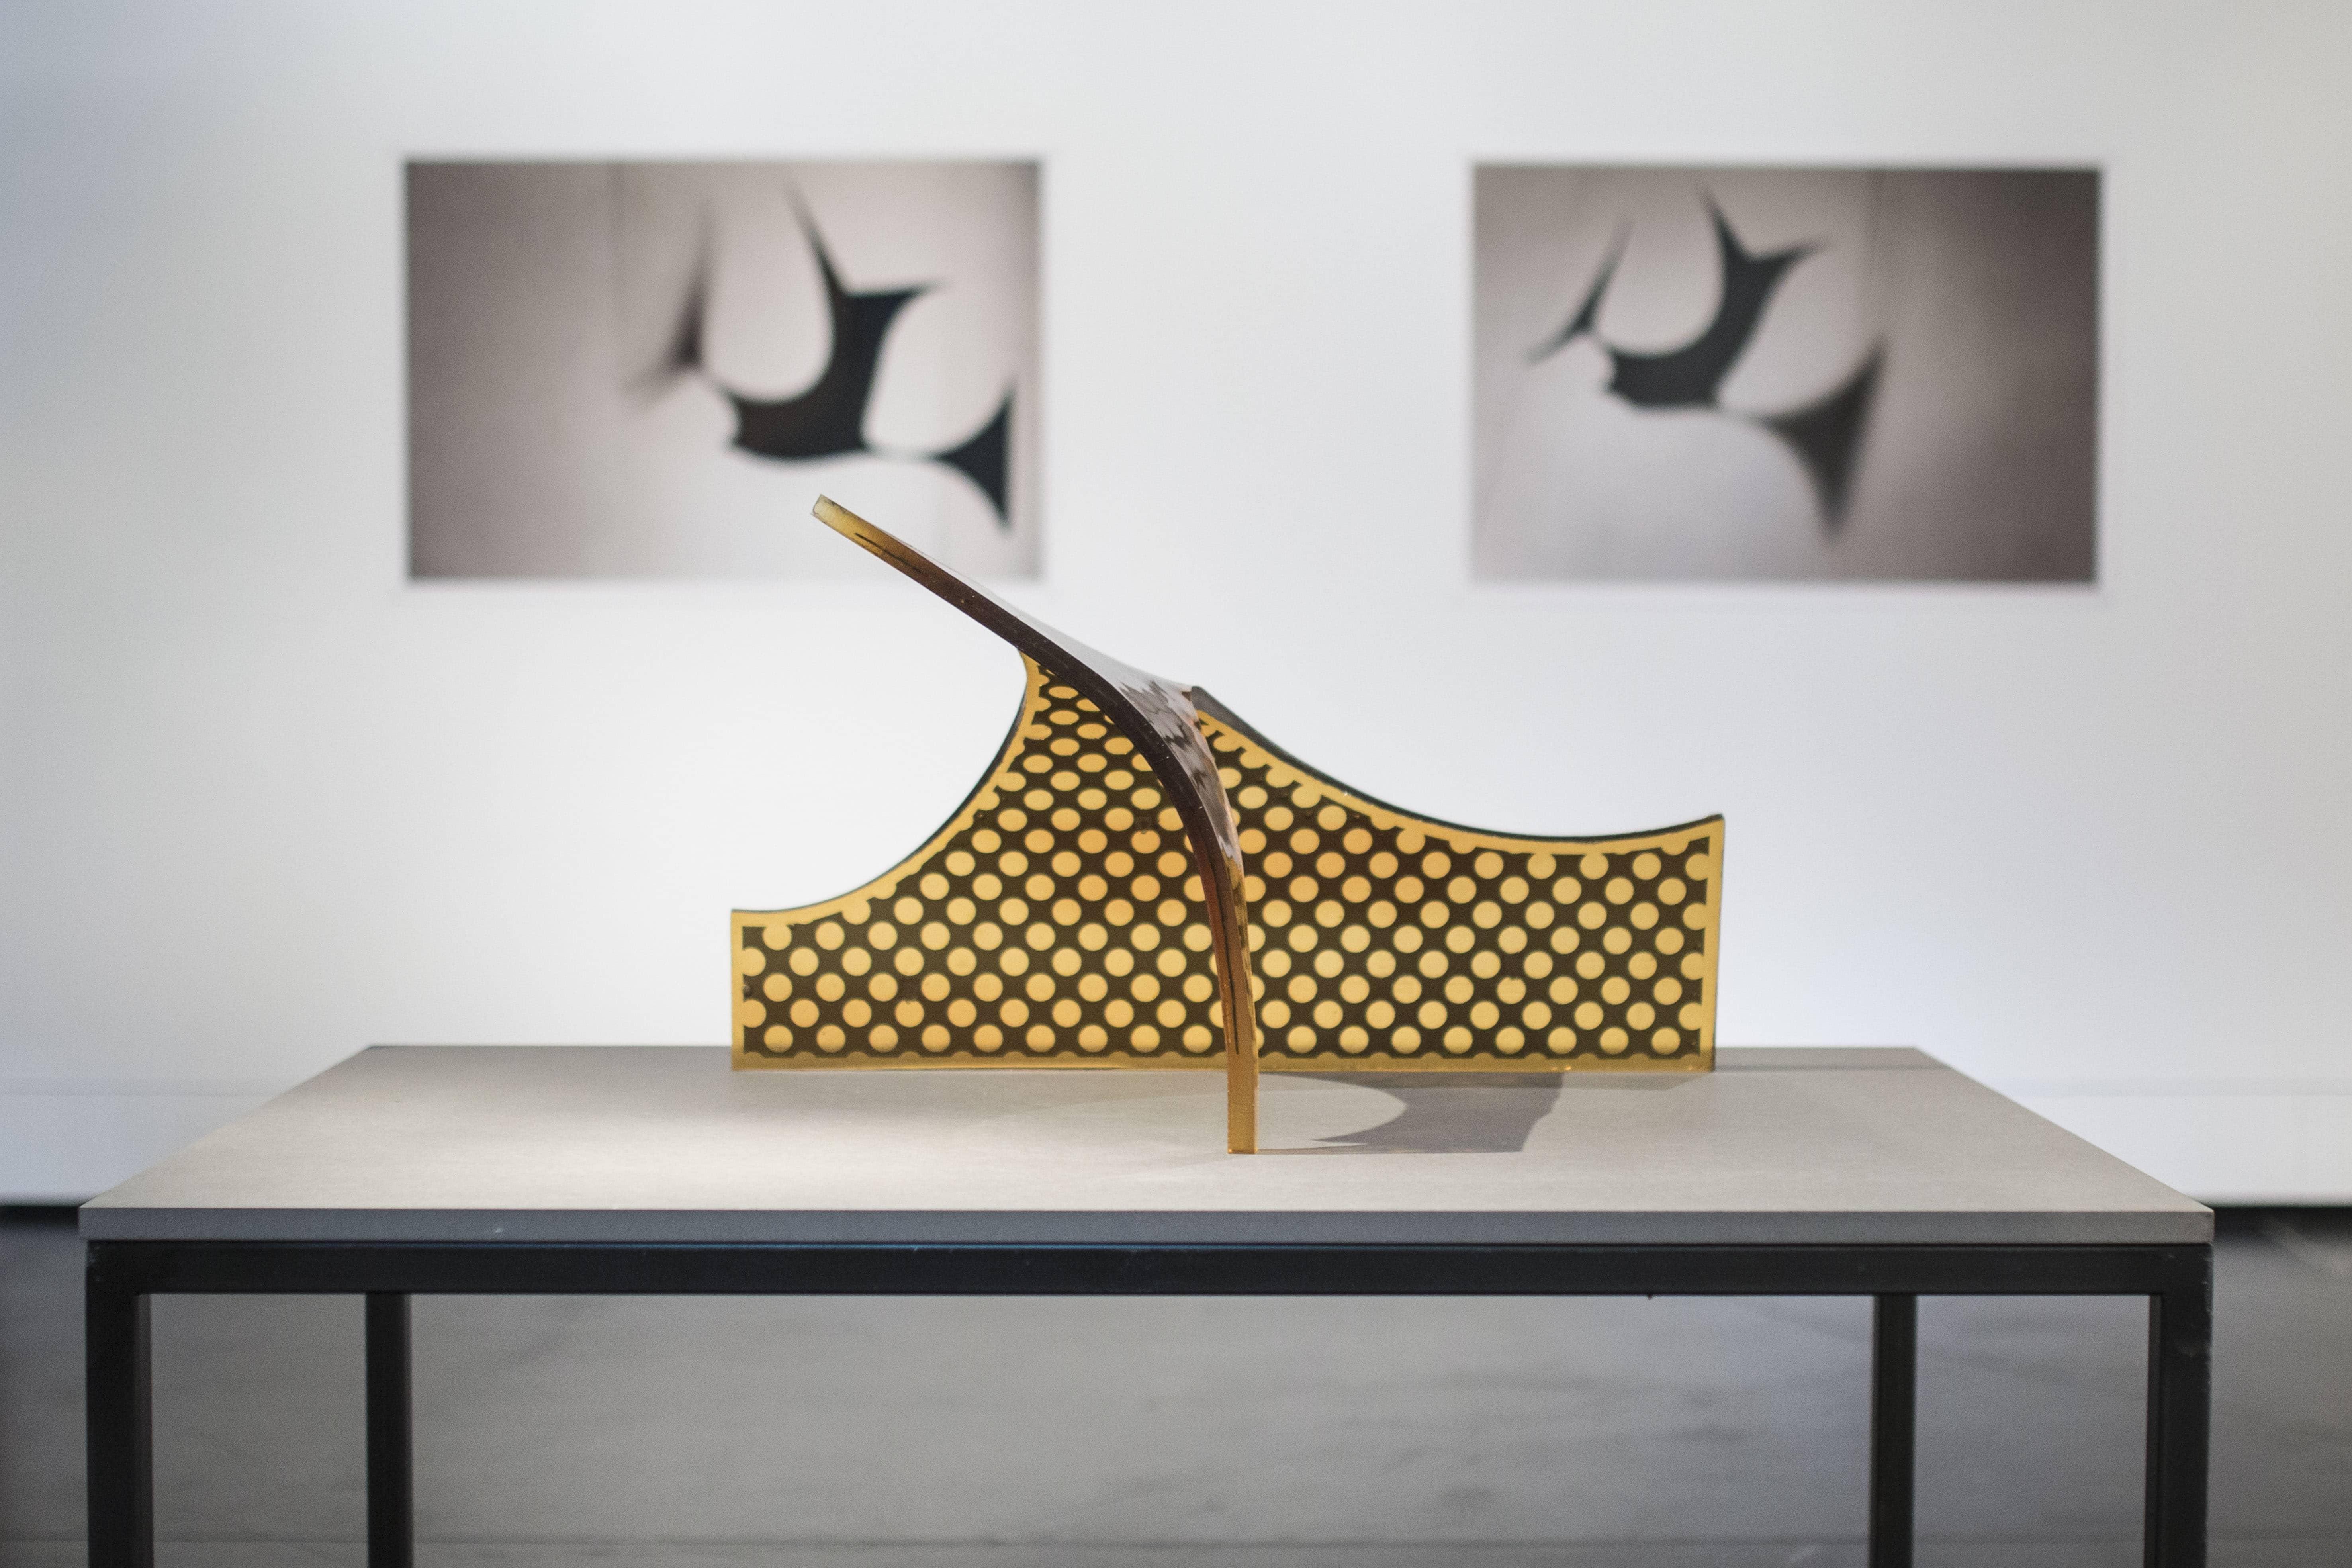 Installation view: Incurvar. Un proyecto de Asier Mendizabal para el Museo Oteiza, 2018 |  | ProjecteSD